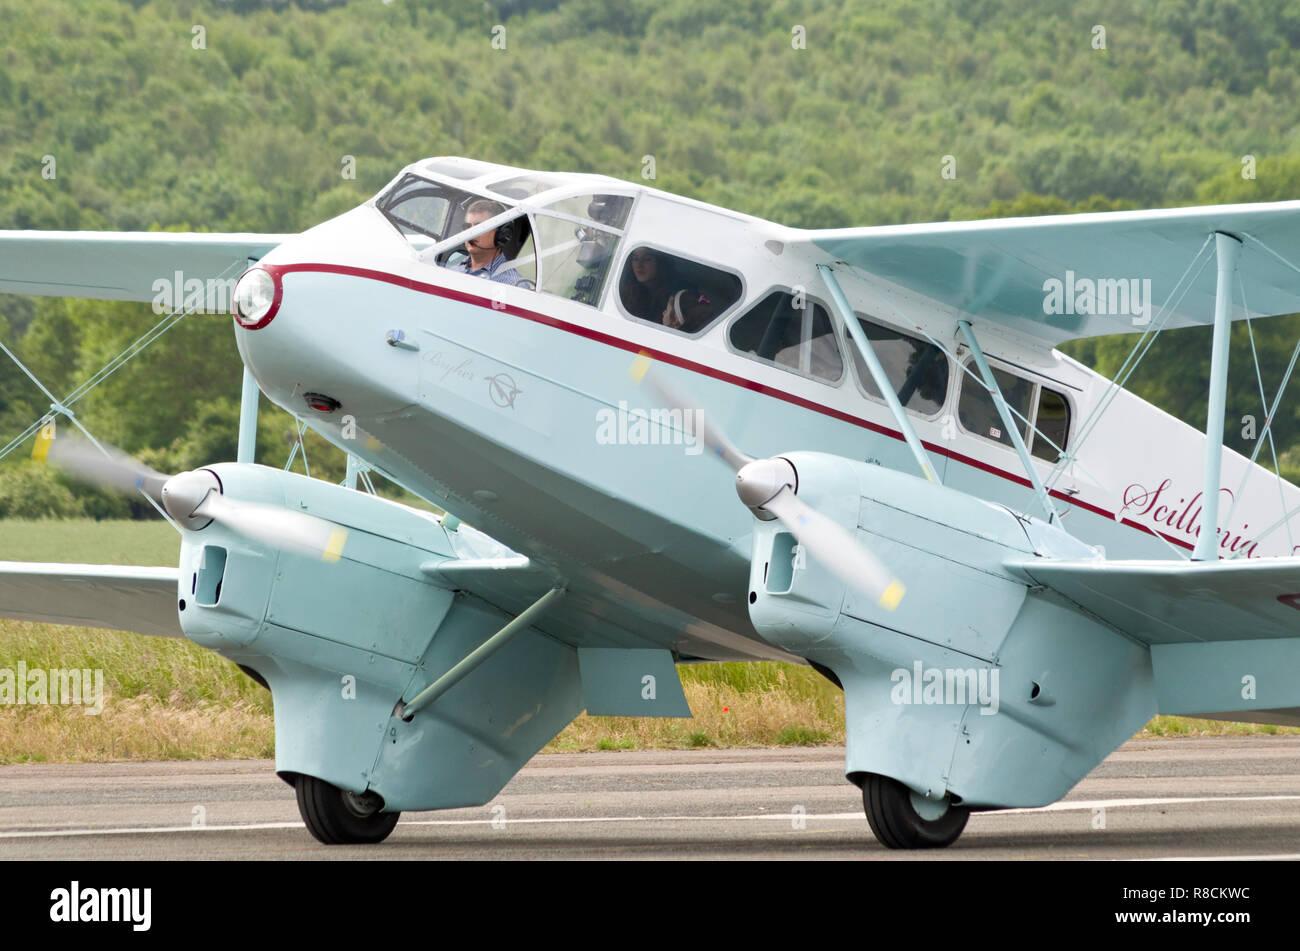 New Fashion Foto-ak-de-havilland-sea-venom-mk.21-flugzeug-airplane- Ansichtskarten Sammeln & Seltenes